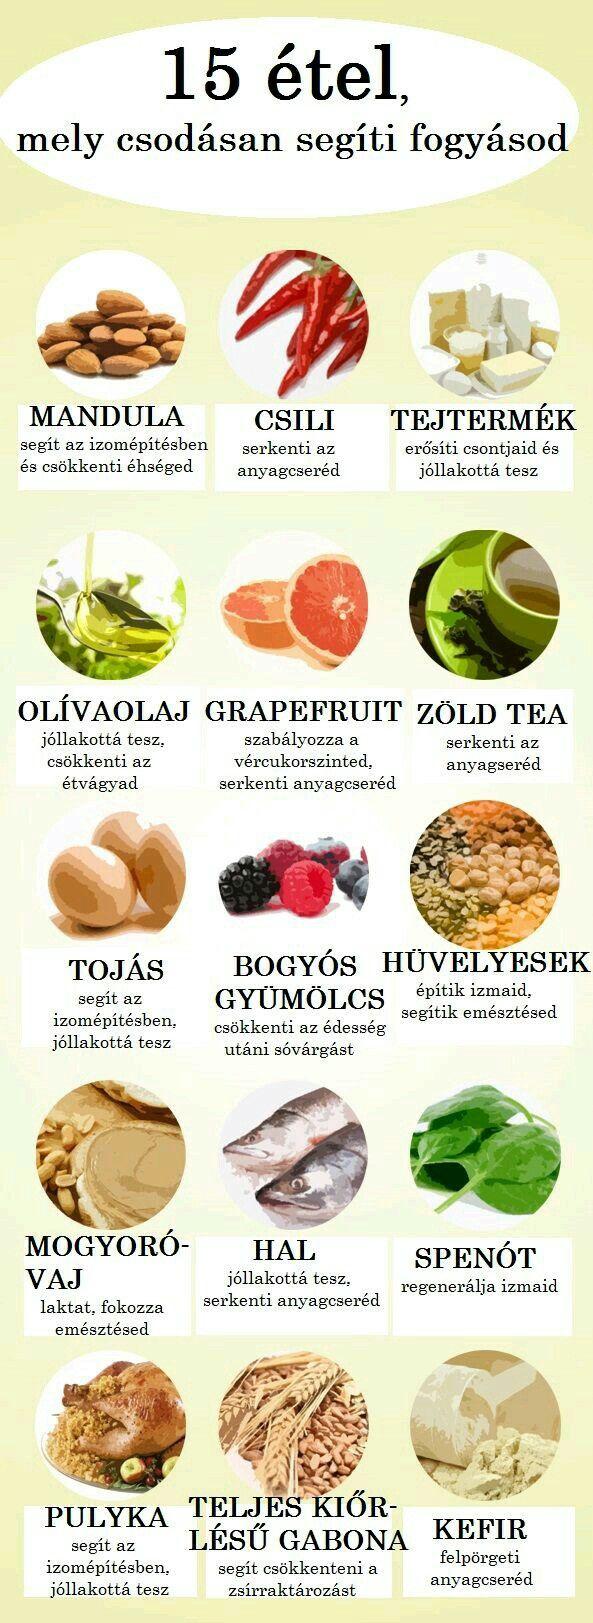 30 napos zsírégető, anyagcsere-pörgető diéta - Fogyókúra   Femina   Food and drink, Diet, Dieta